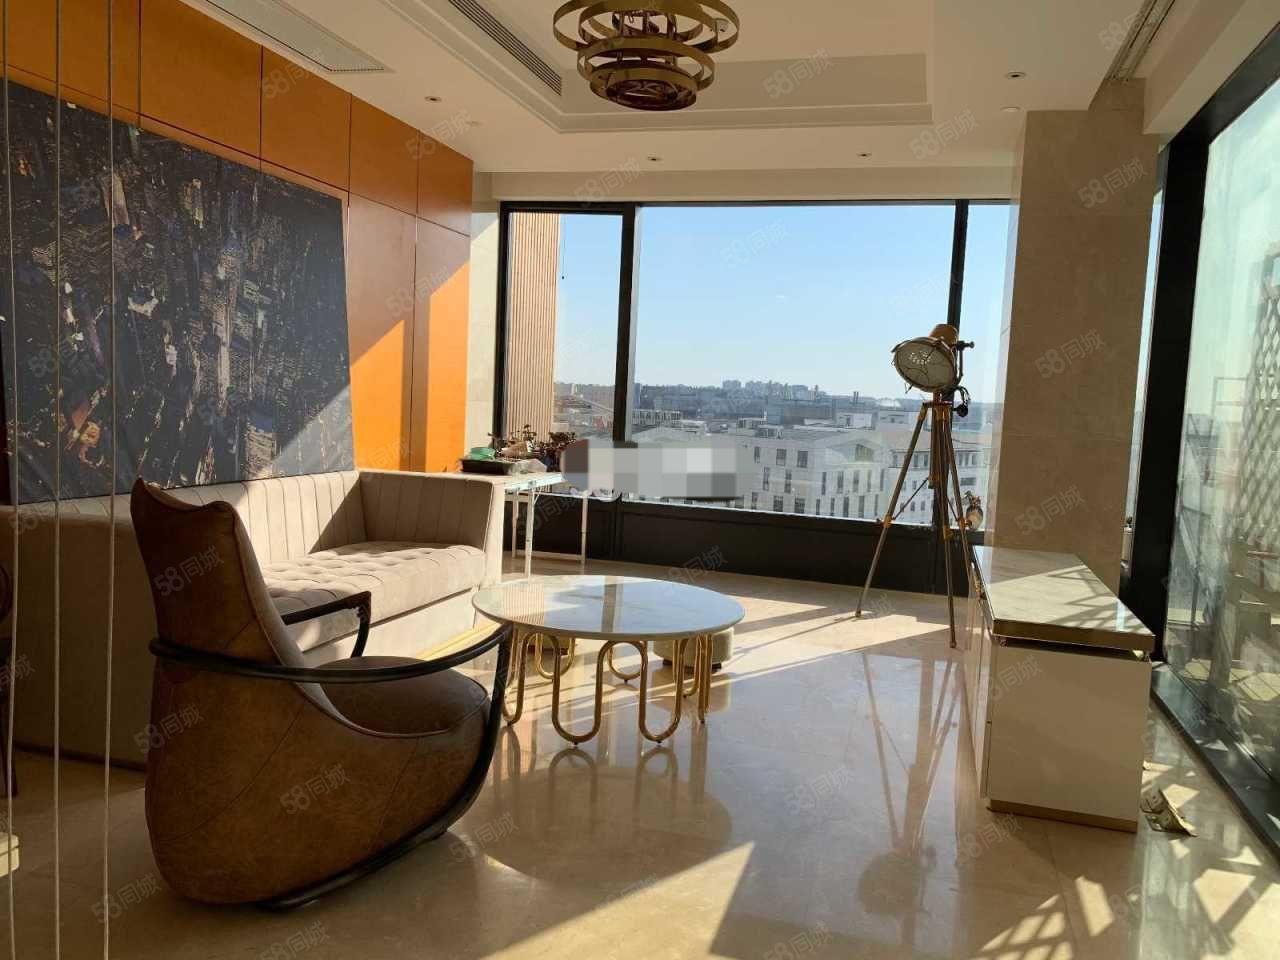 漢水名城閱府及附近多套高檔小區房出租精裝修,拎包入住。